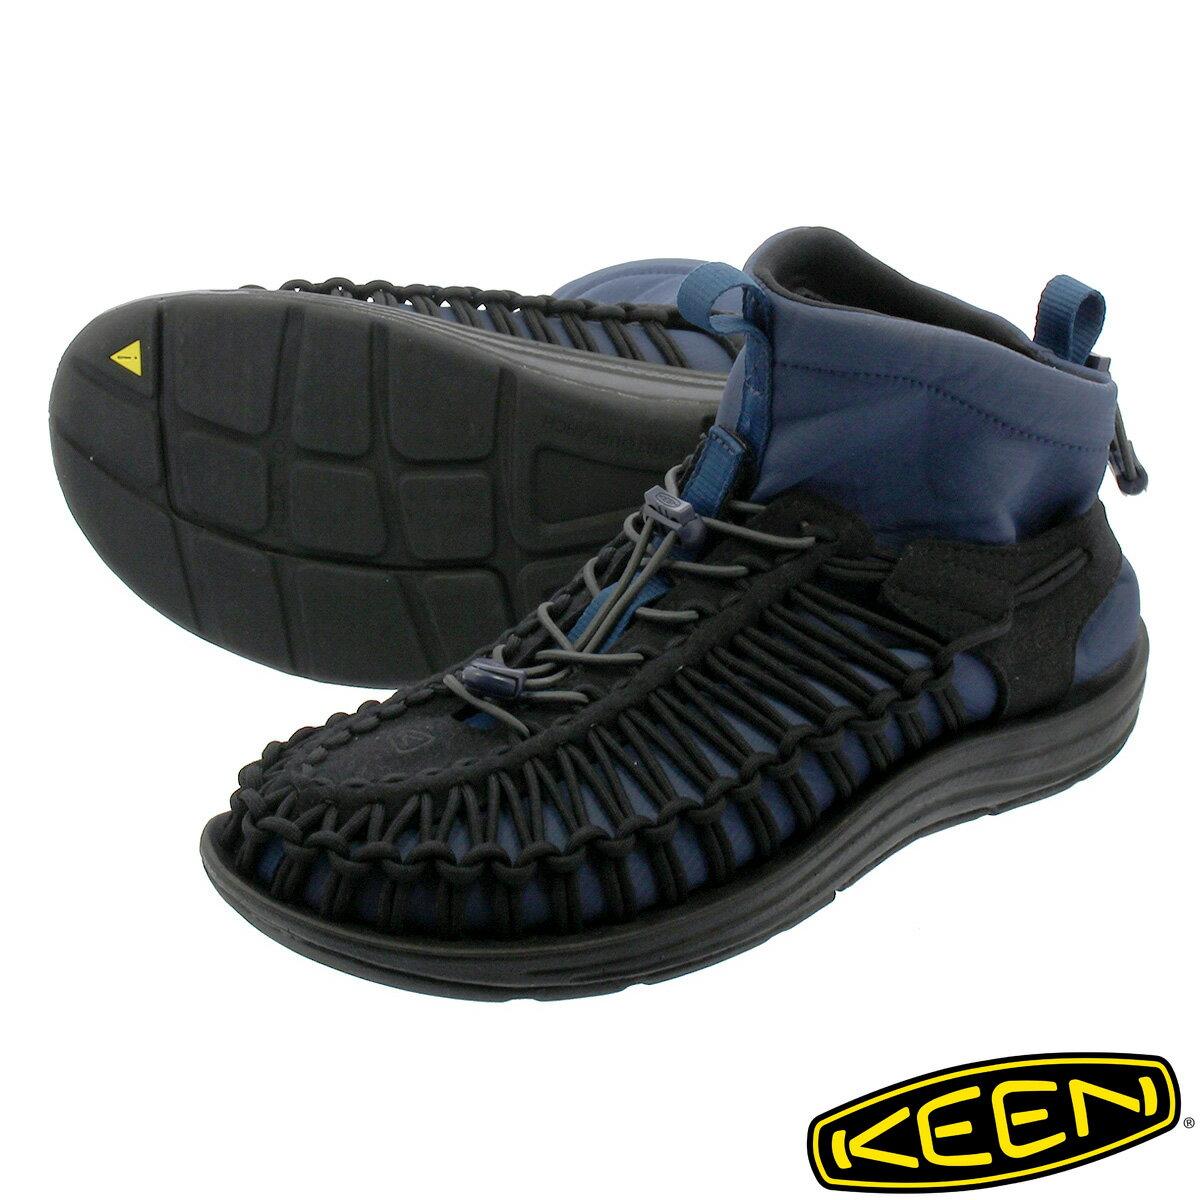 メンズ靴, スニーカー KEEN MEN UNEEK HT MID BLACKBLUE WING TEAL 1019976